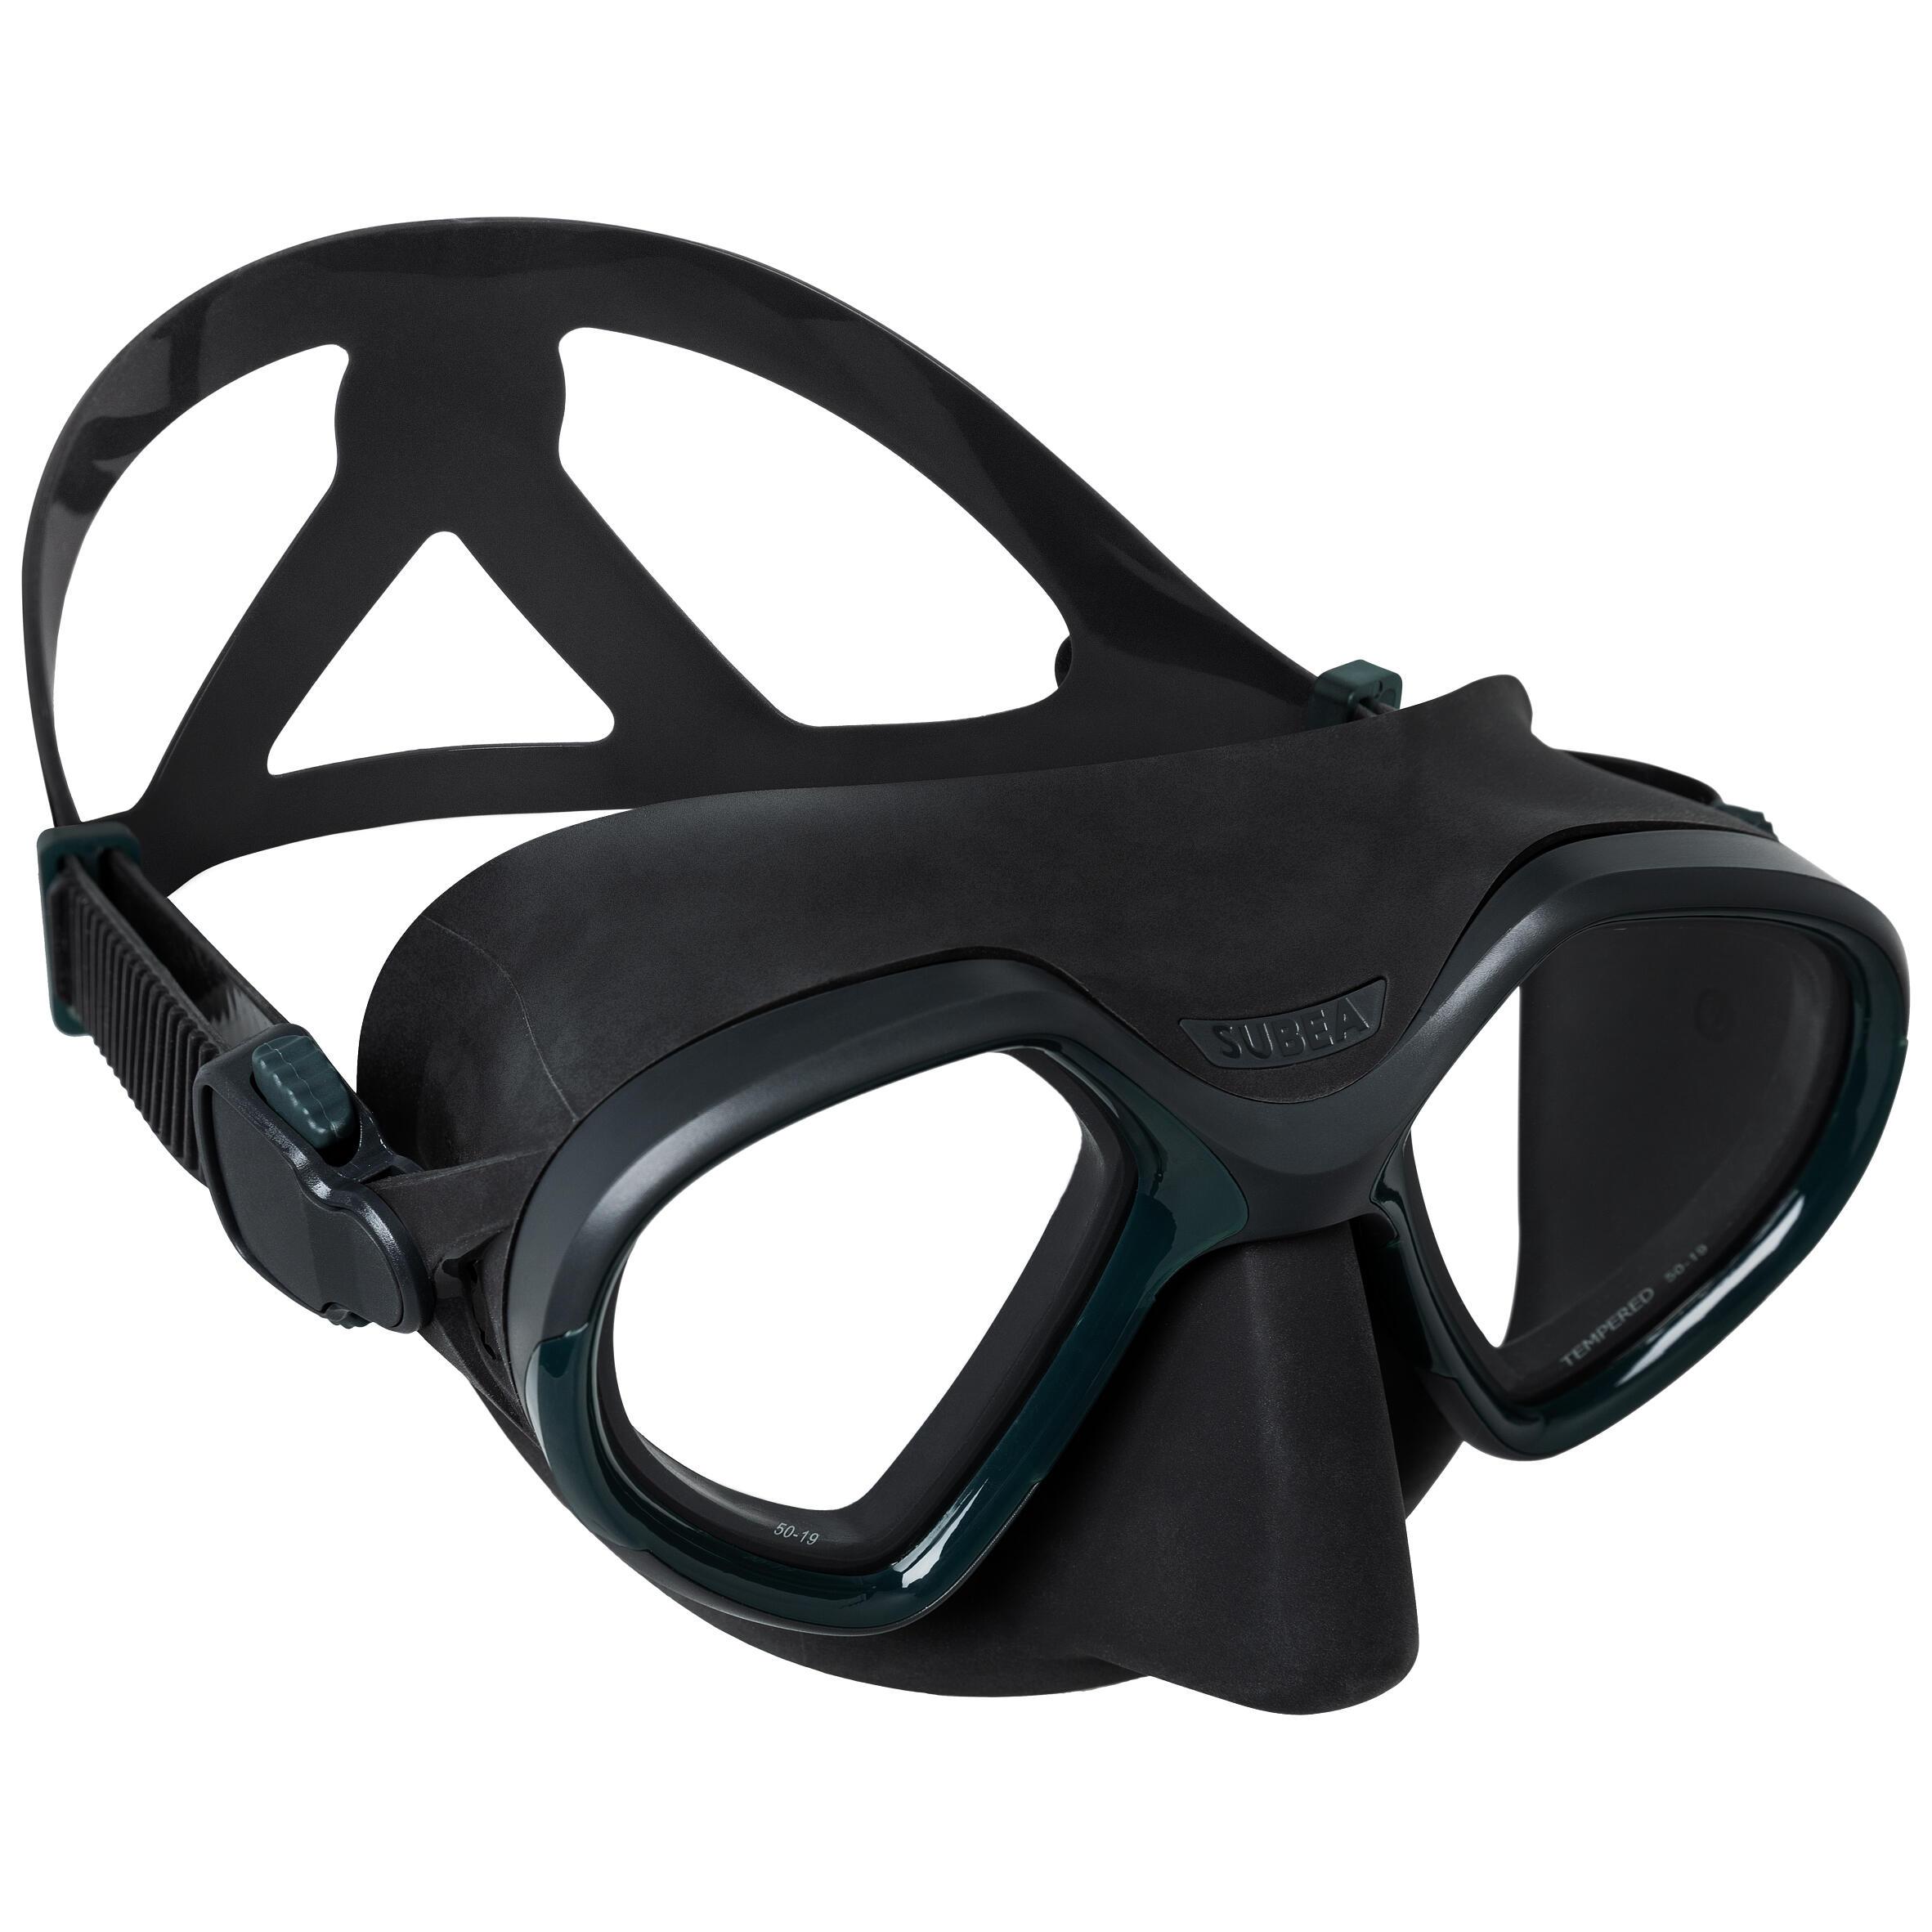 subea maschera pesca subacquea 500